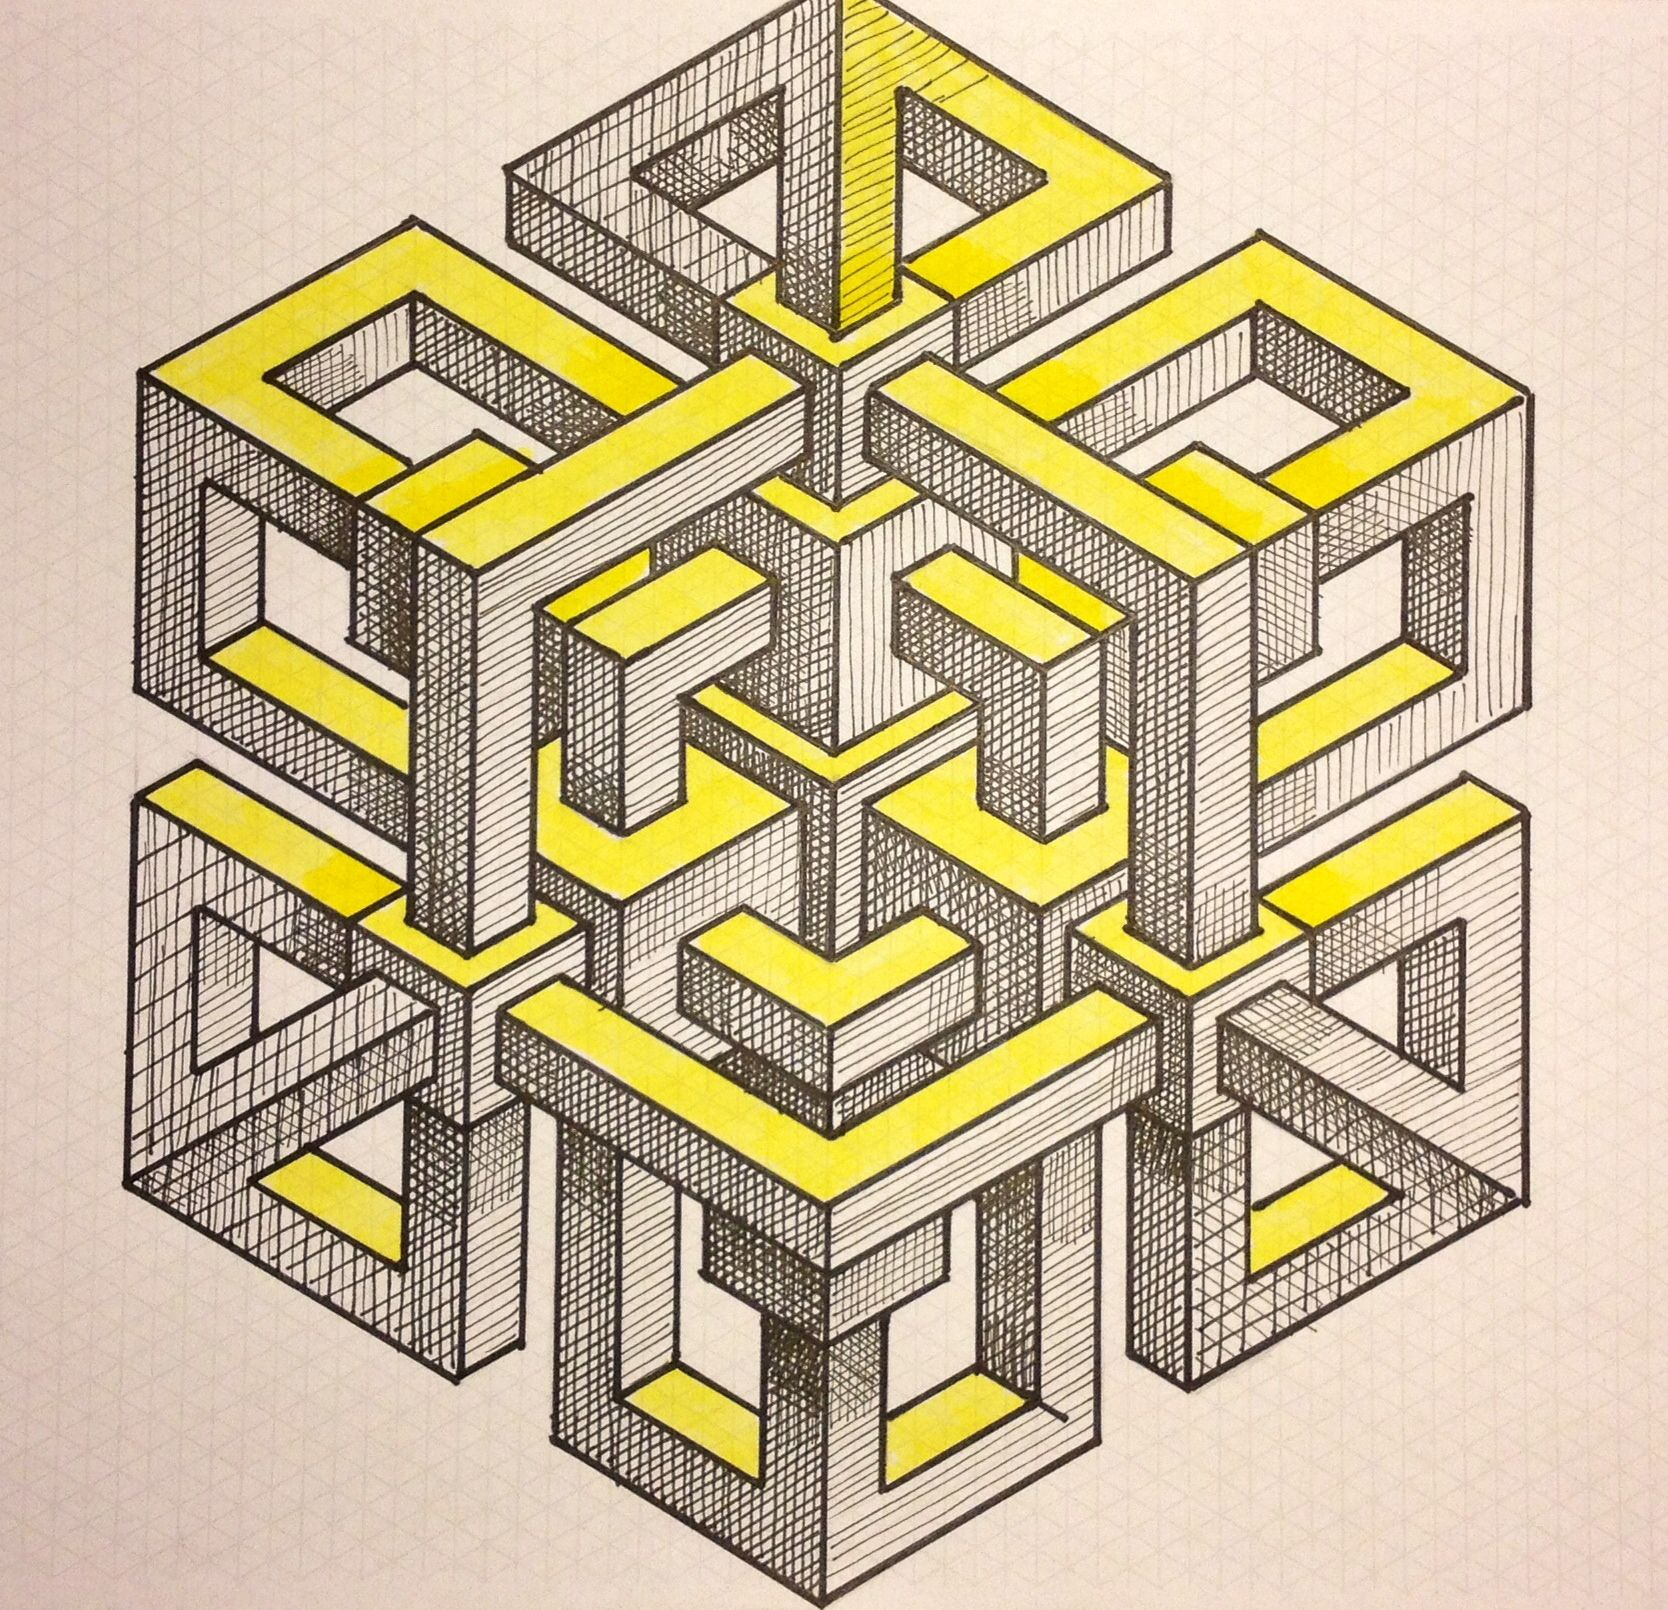 Possível ideia para a unidade de trabalho sobre isometrias. Impossível